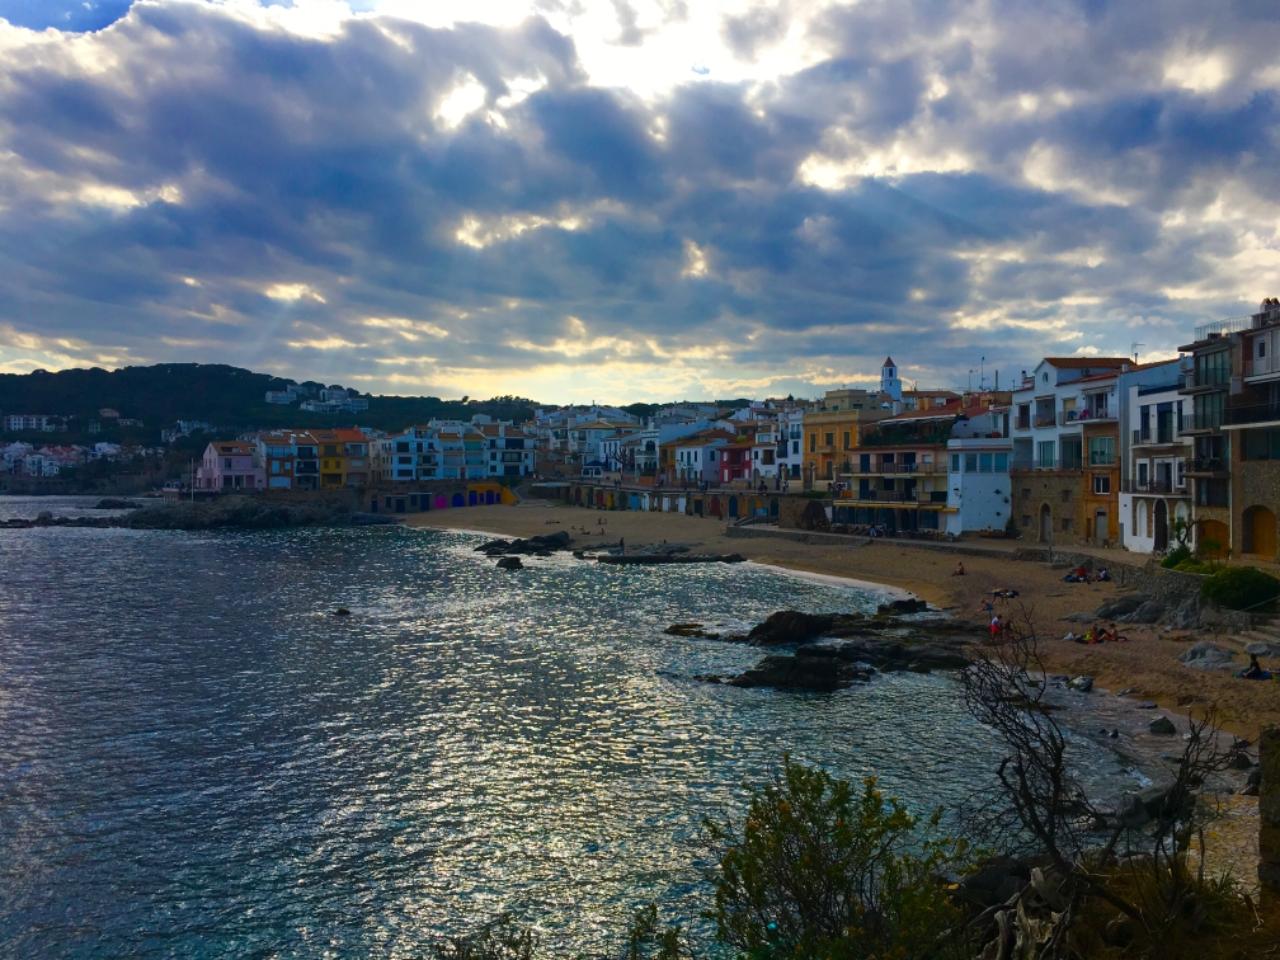 Photo 1: Visite de Calella de Palafrugell